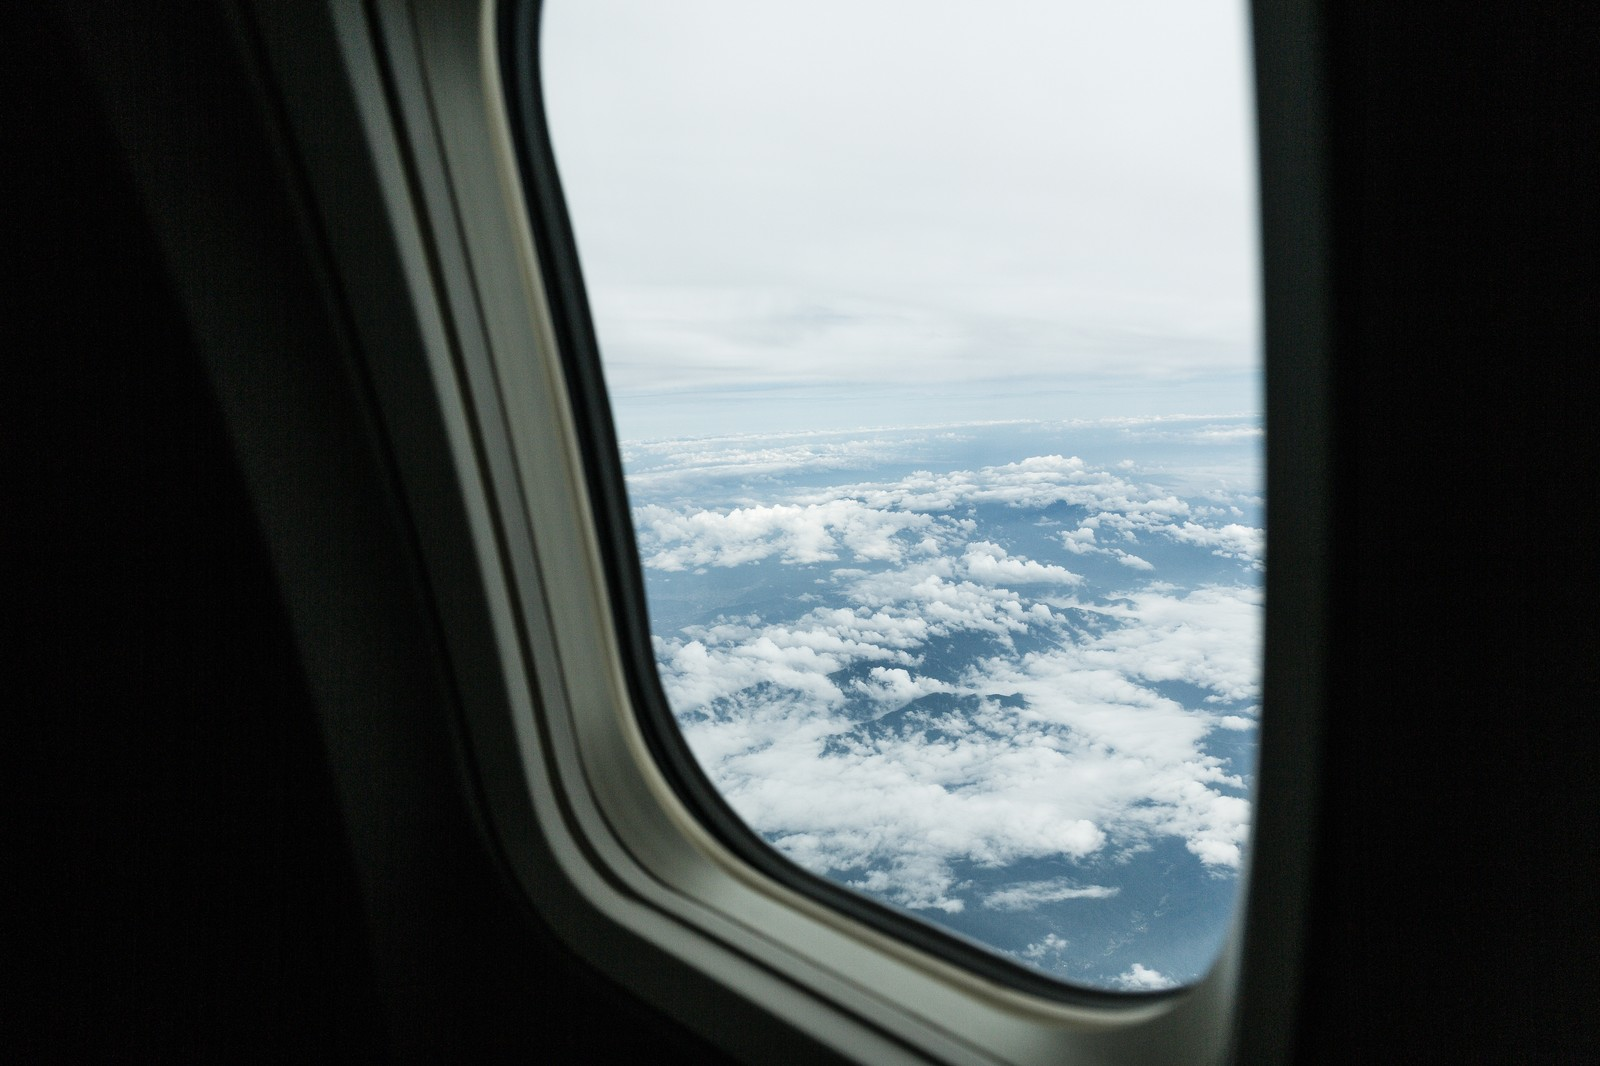 「旅客機の窓から上空の様子」